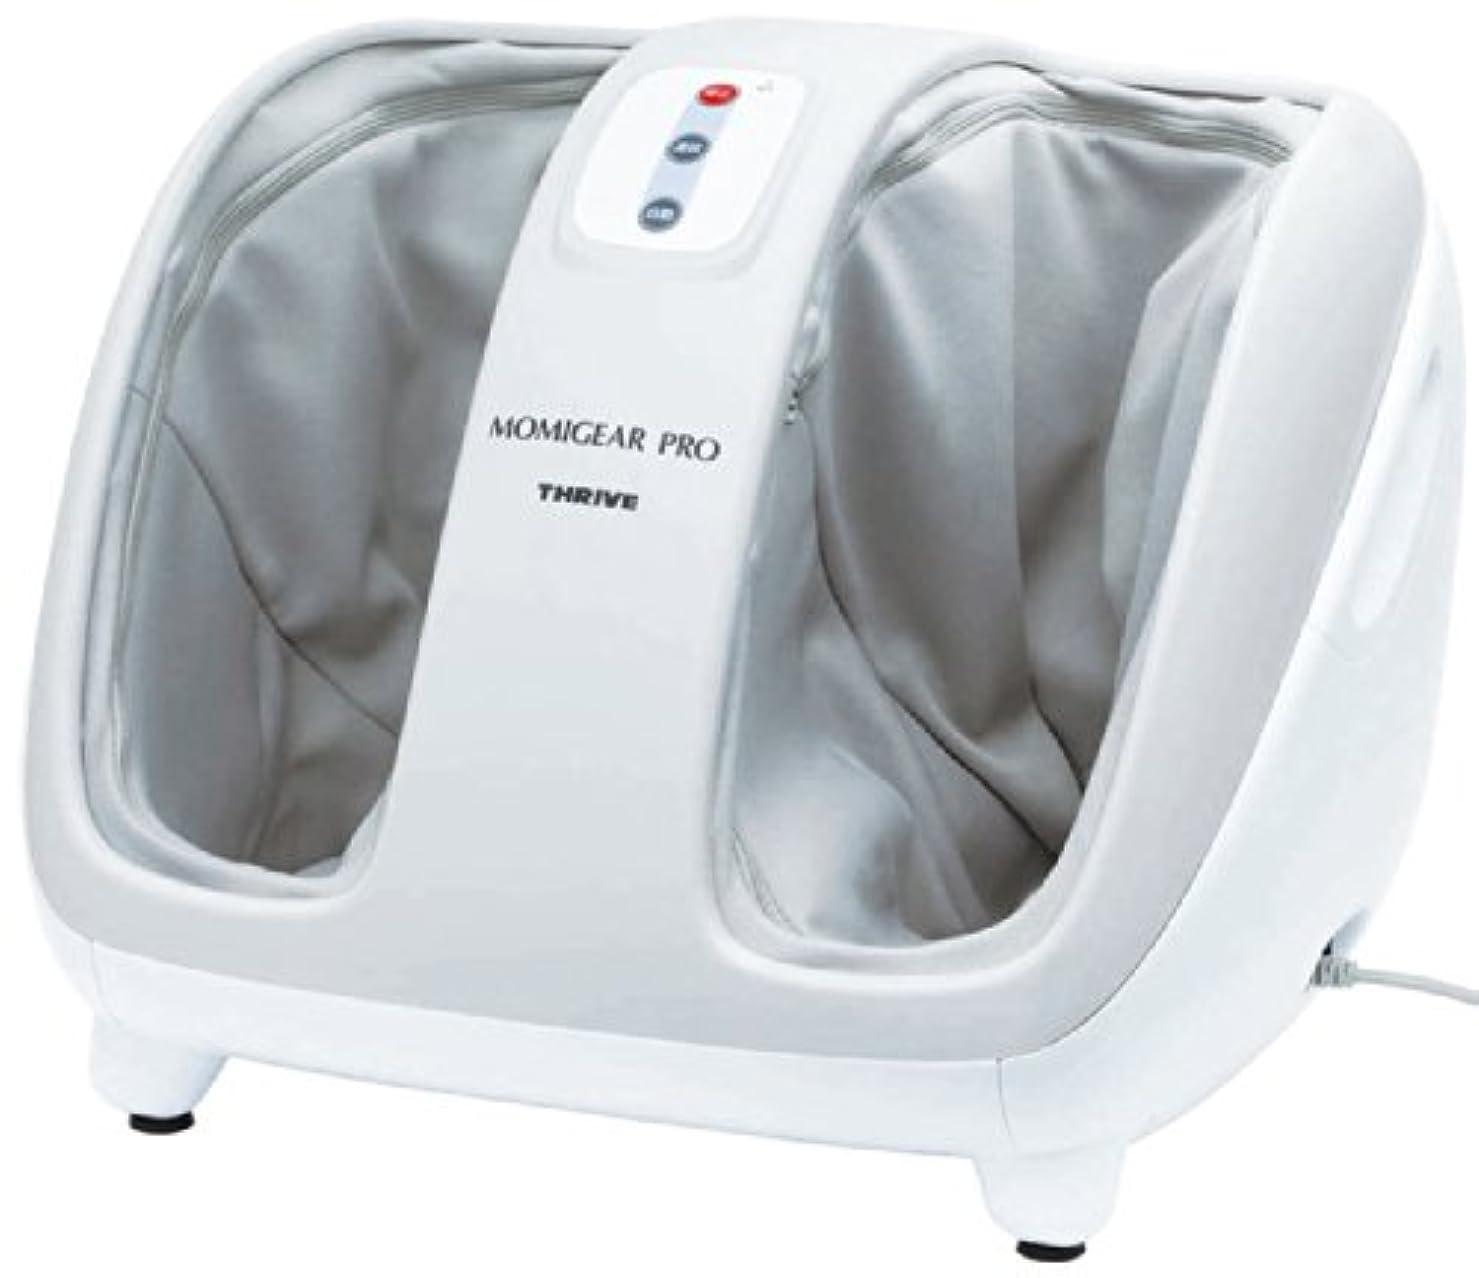 デンマーク語存在するつかいますスライヴ 「横に寝かせて使用可能」 フットマッサージャー 【もみギア プロ】 ホワイト MD-6102(W)